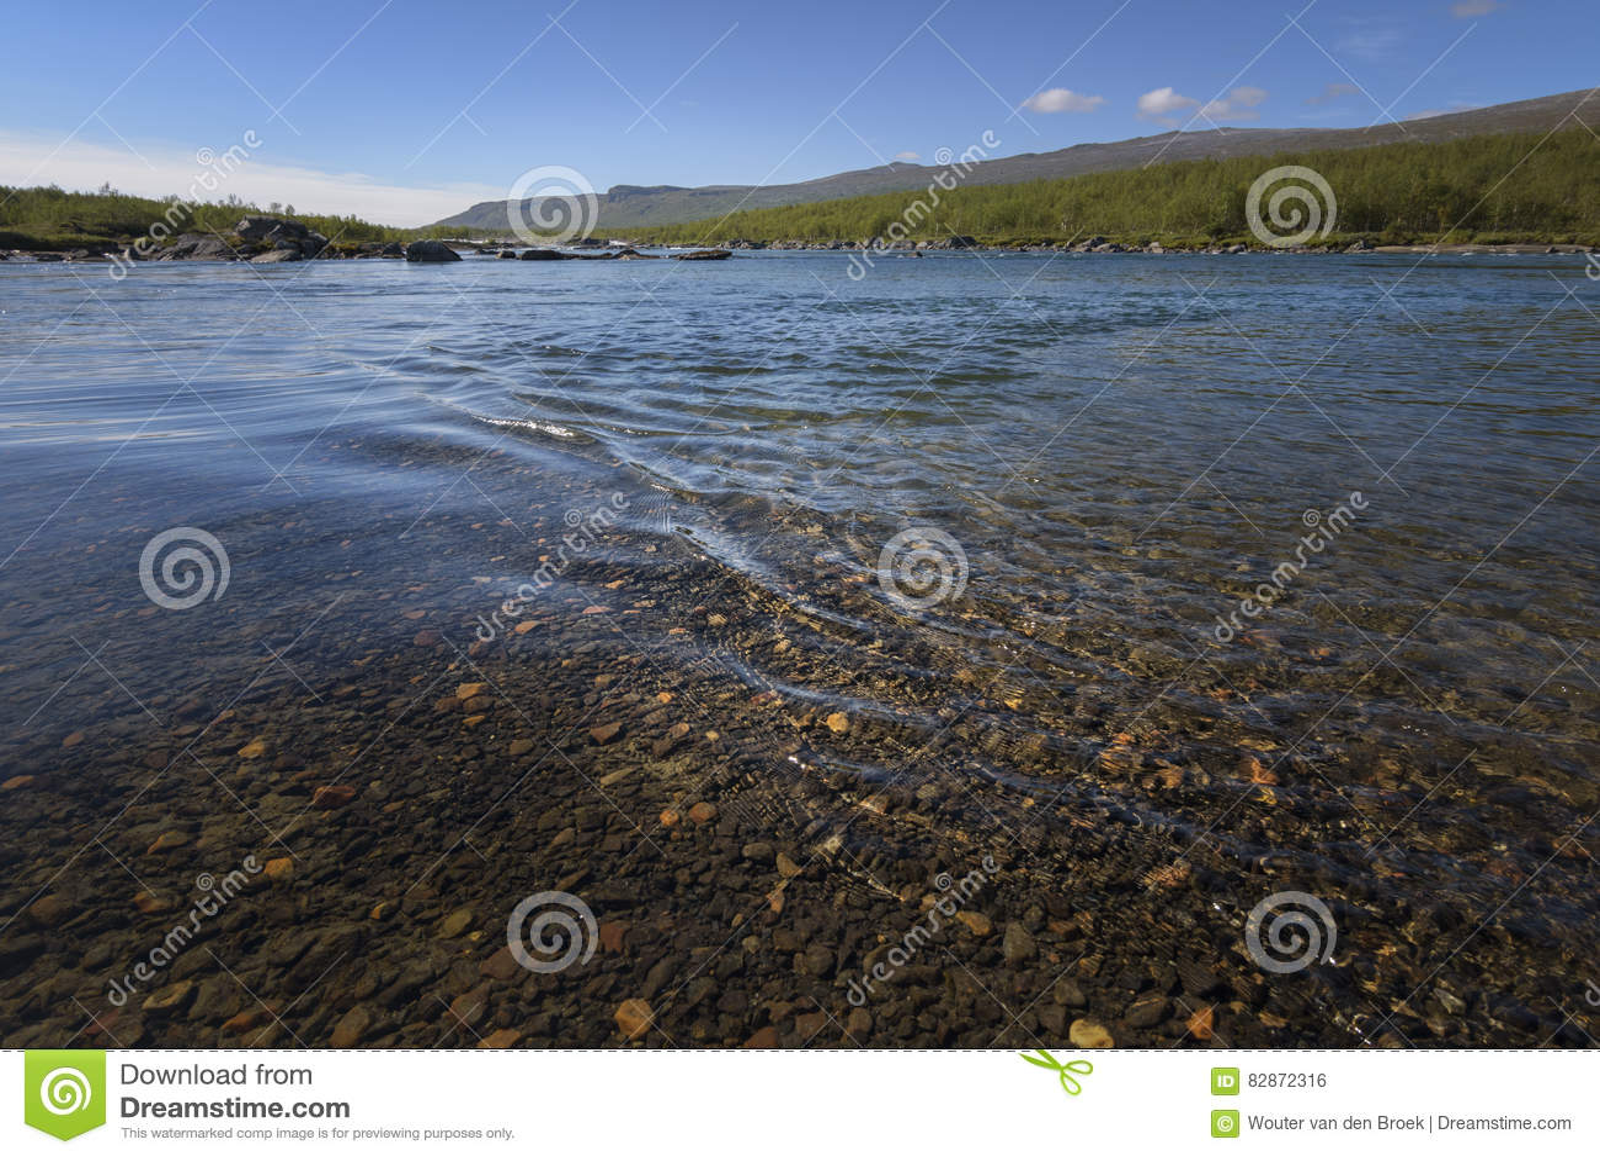 在流动的水的美好的镇静波纹与惊人的着色河底石头